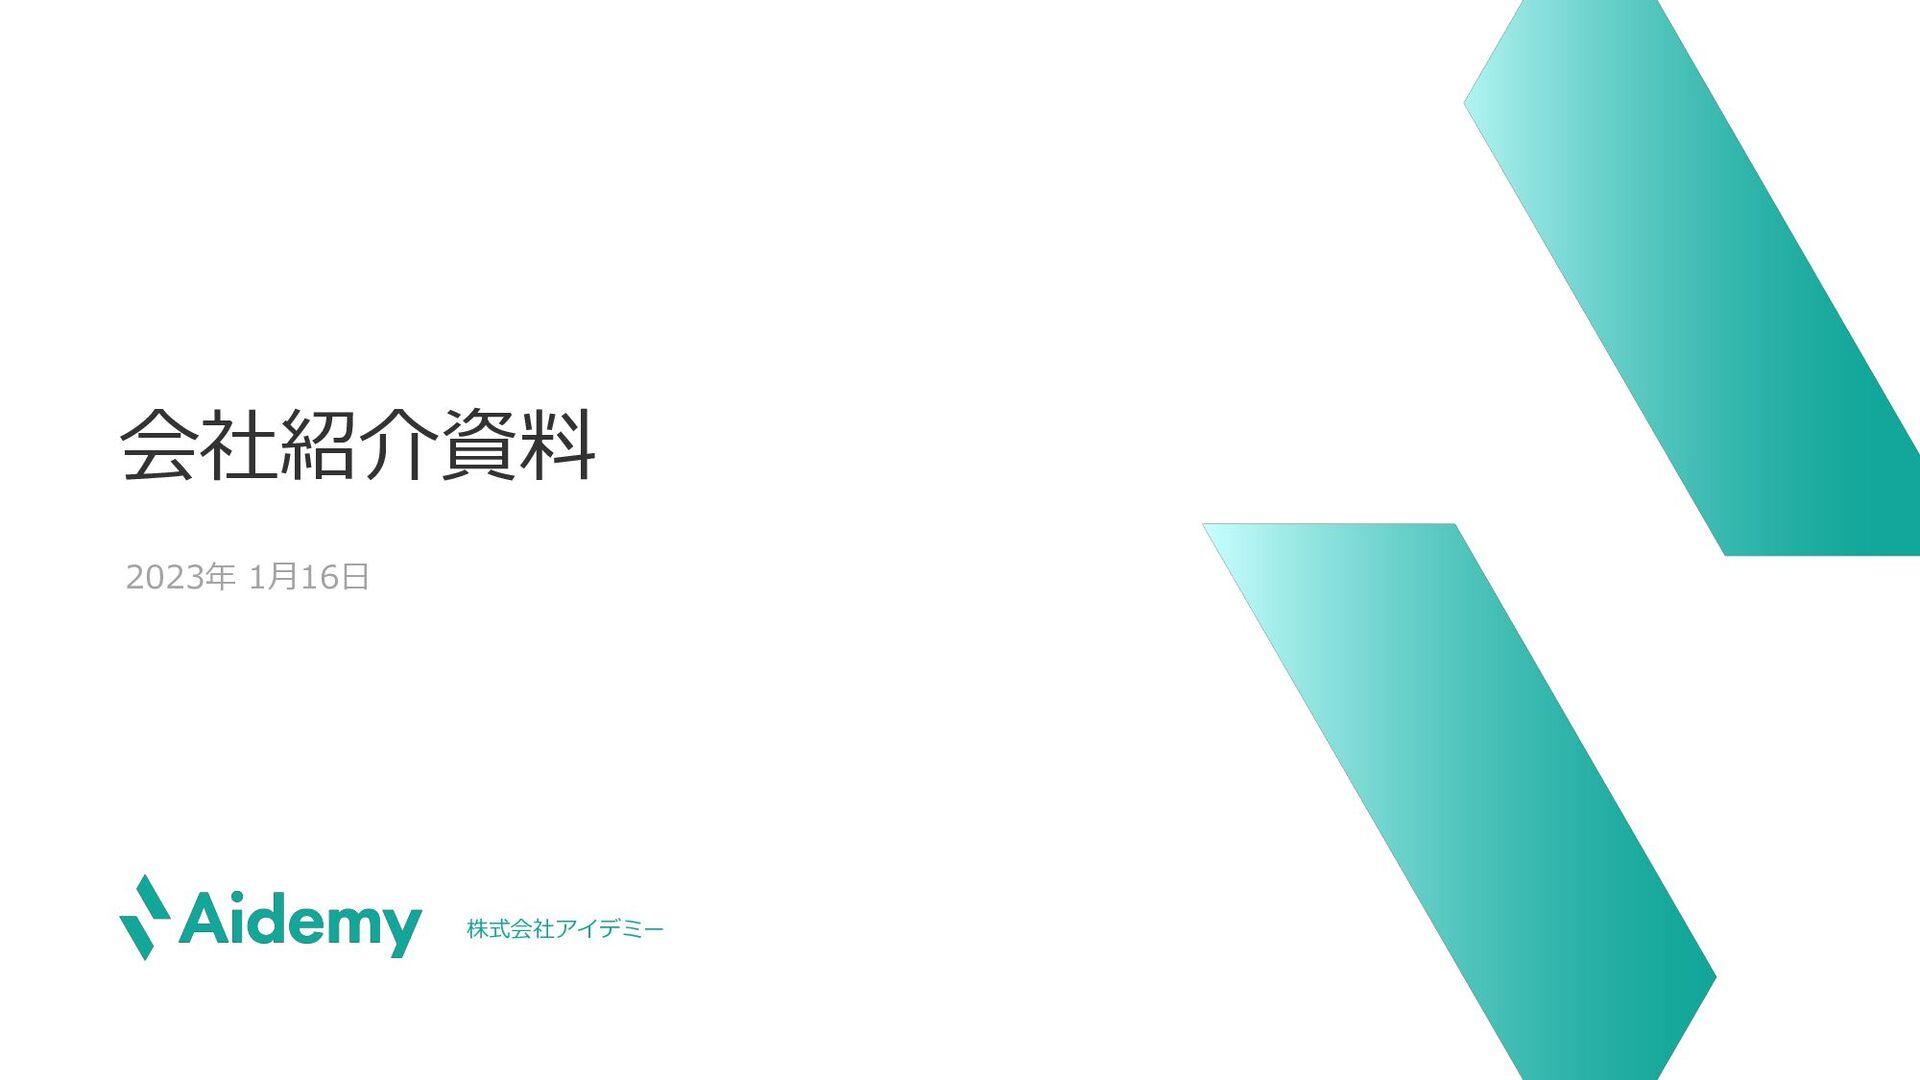 1 会社紹介資料 2020.10.01